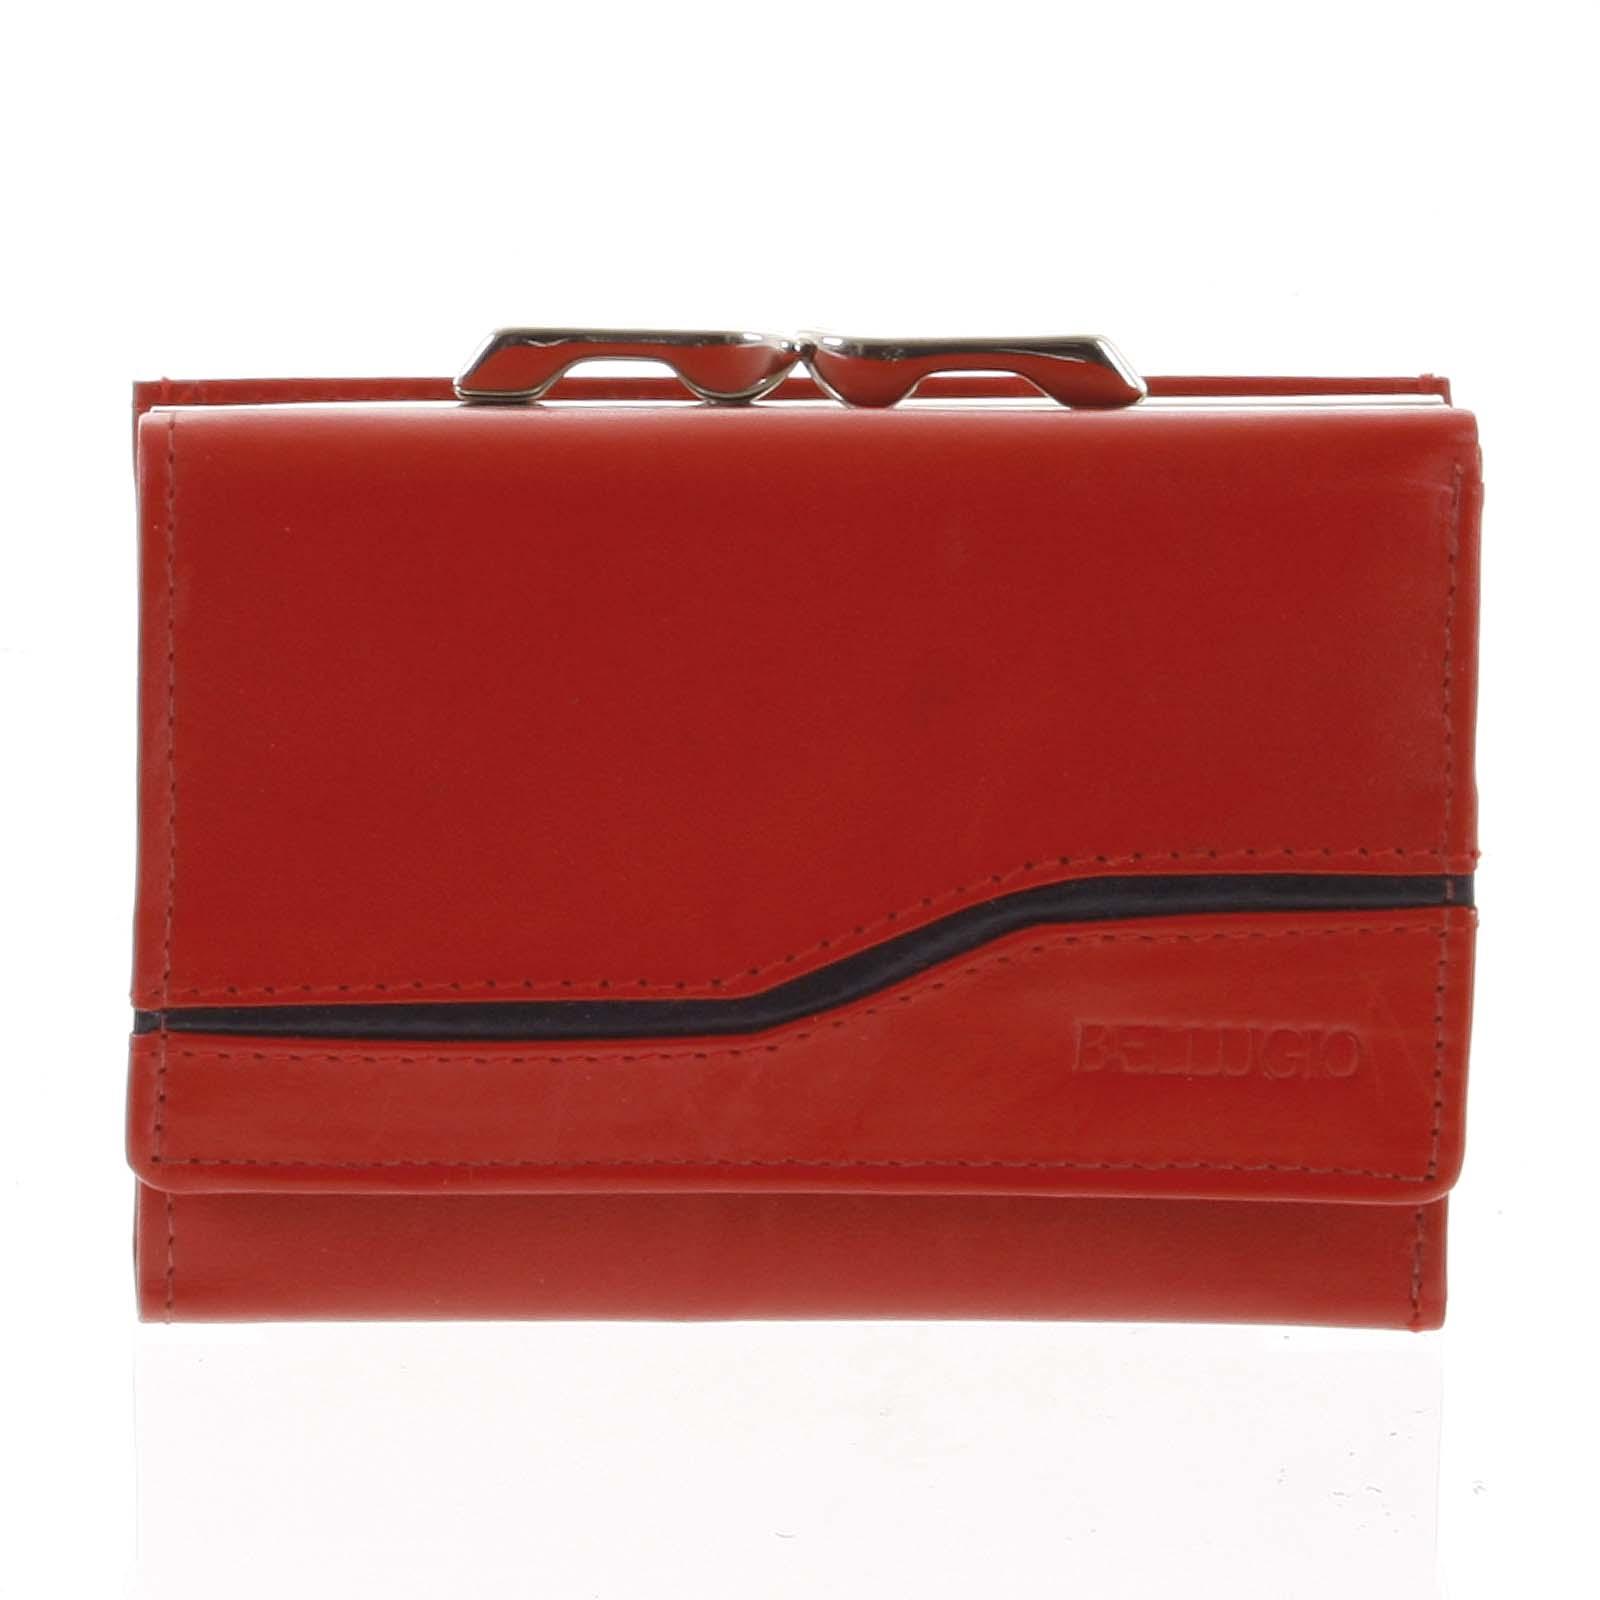 Dámská kožená peněženka červená - Bellugio Tarea